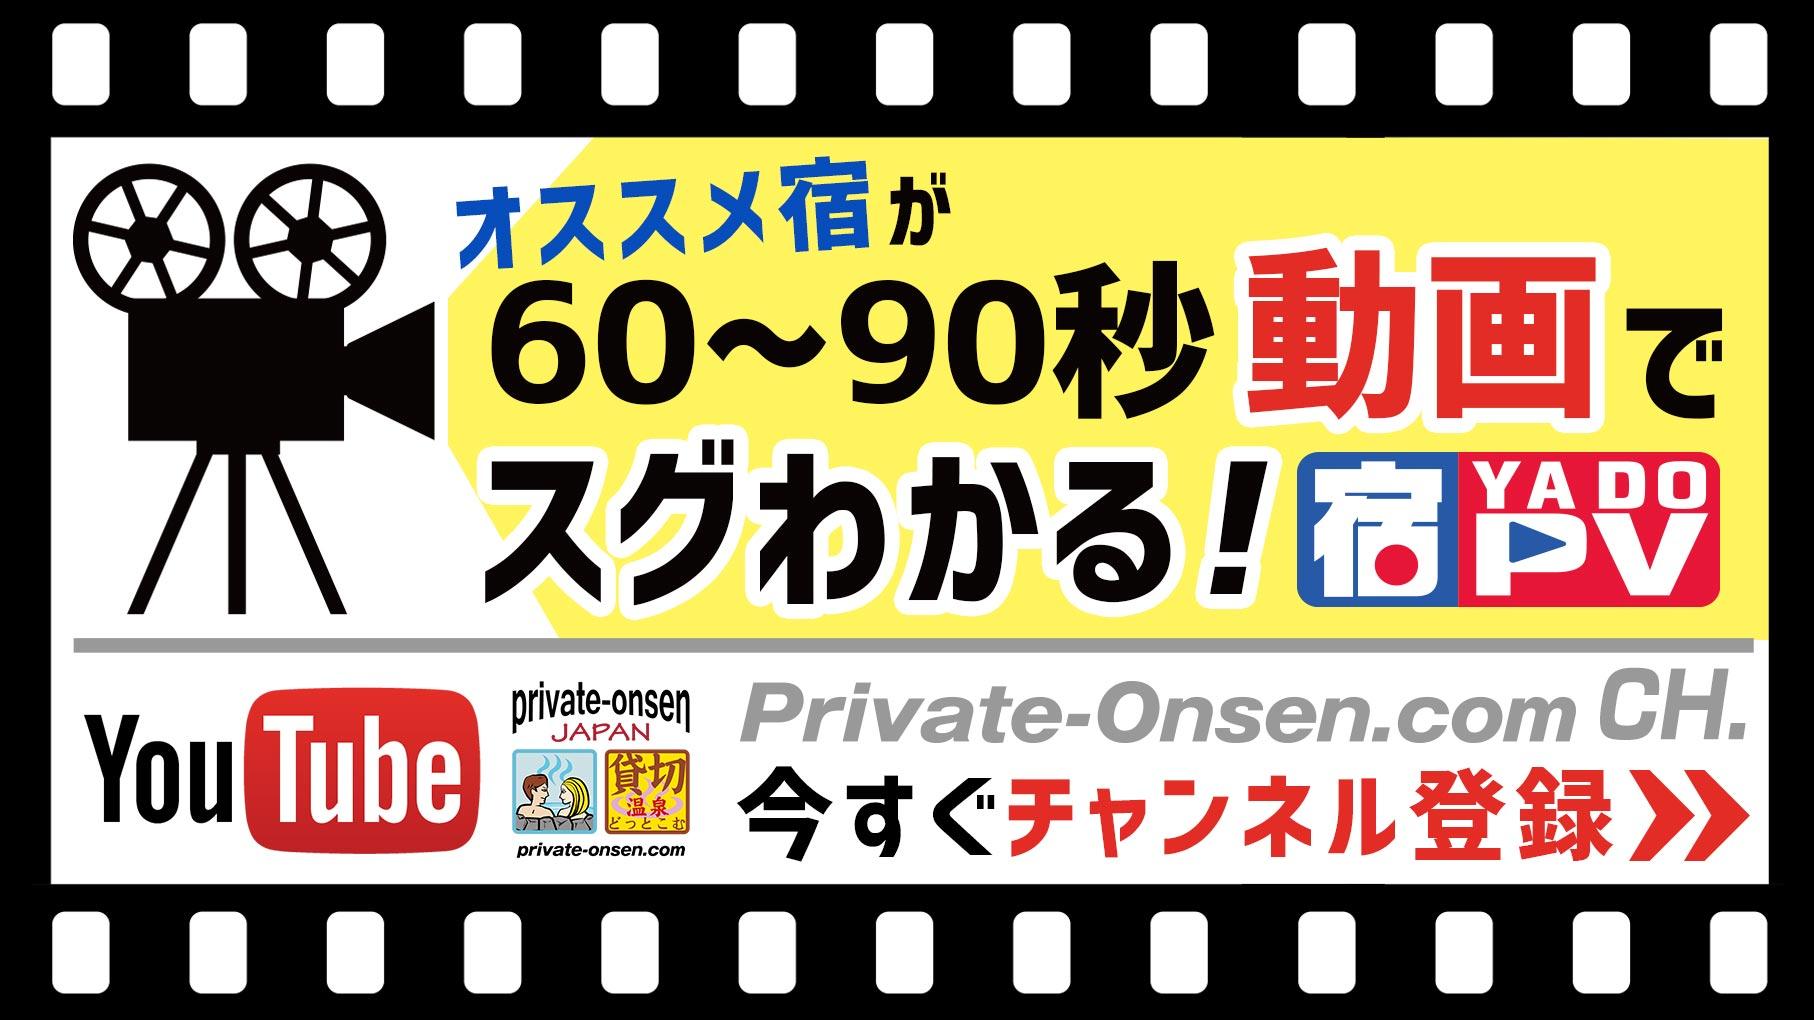 宿PV YouTubeチャンネル